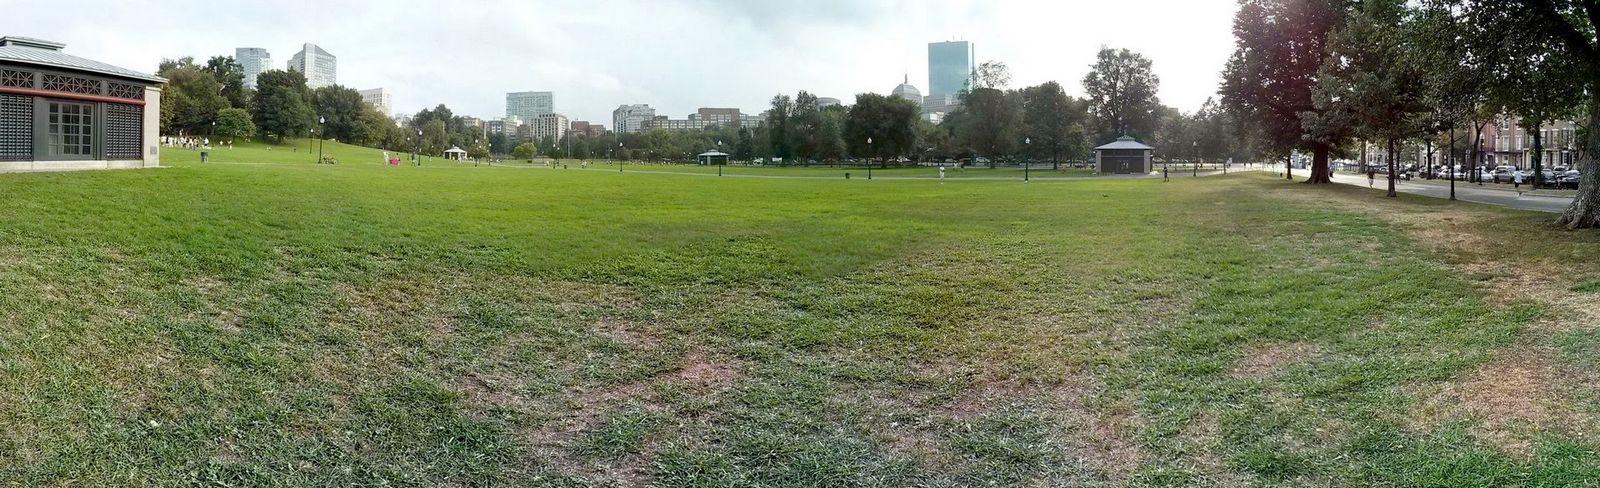 Panorámica del Boston Common